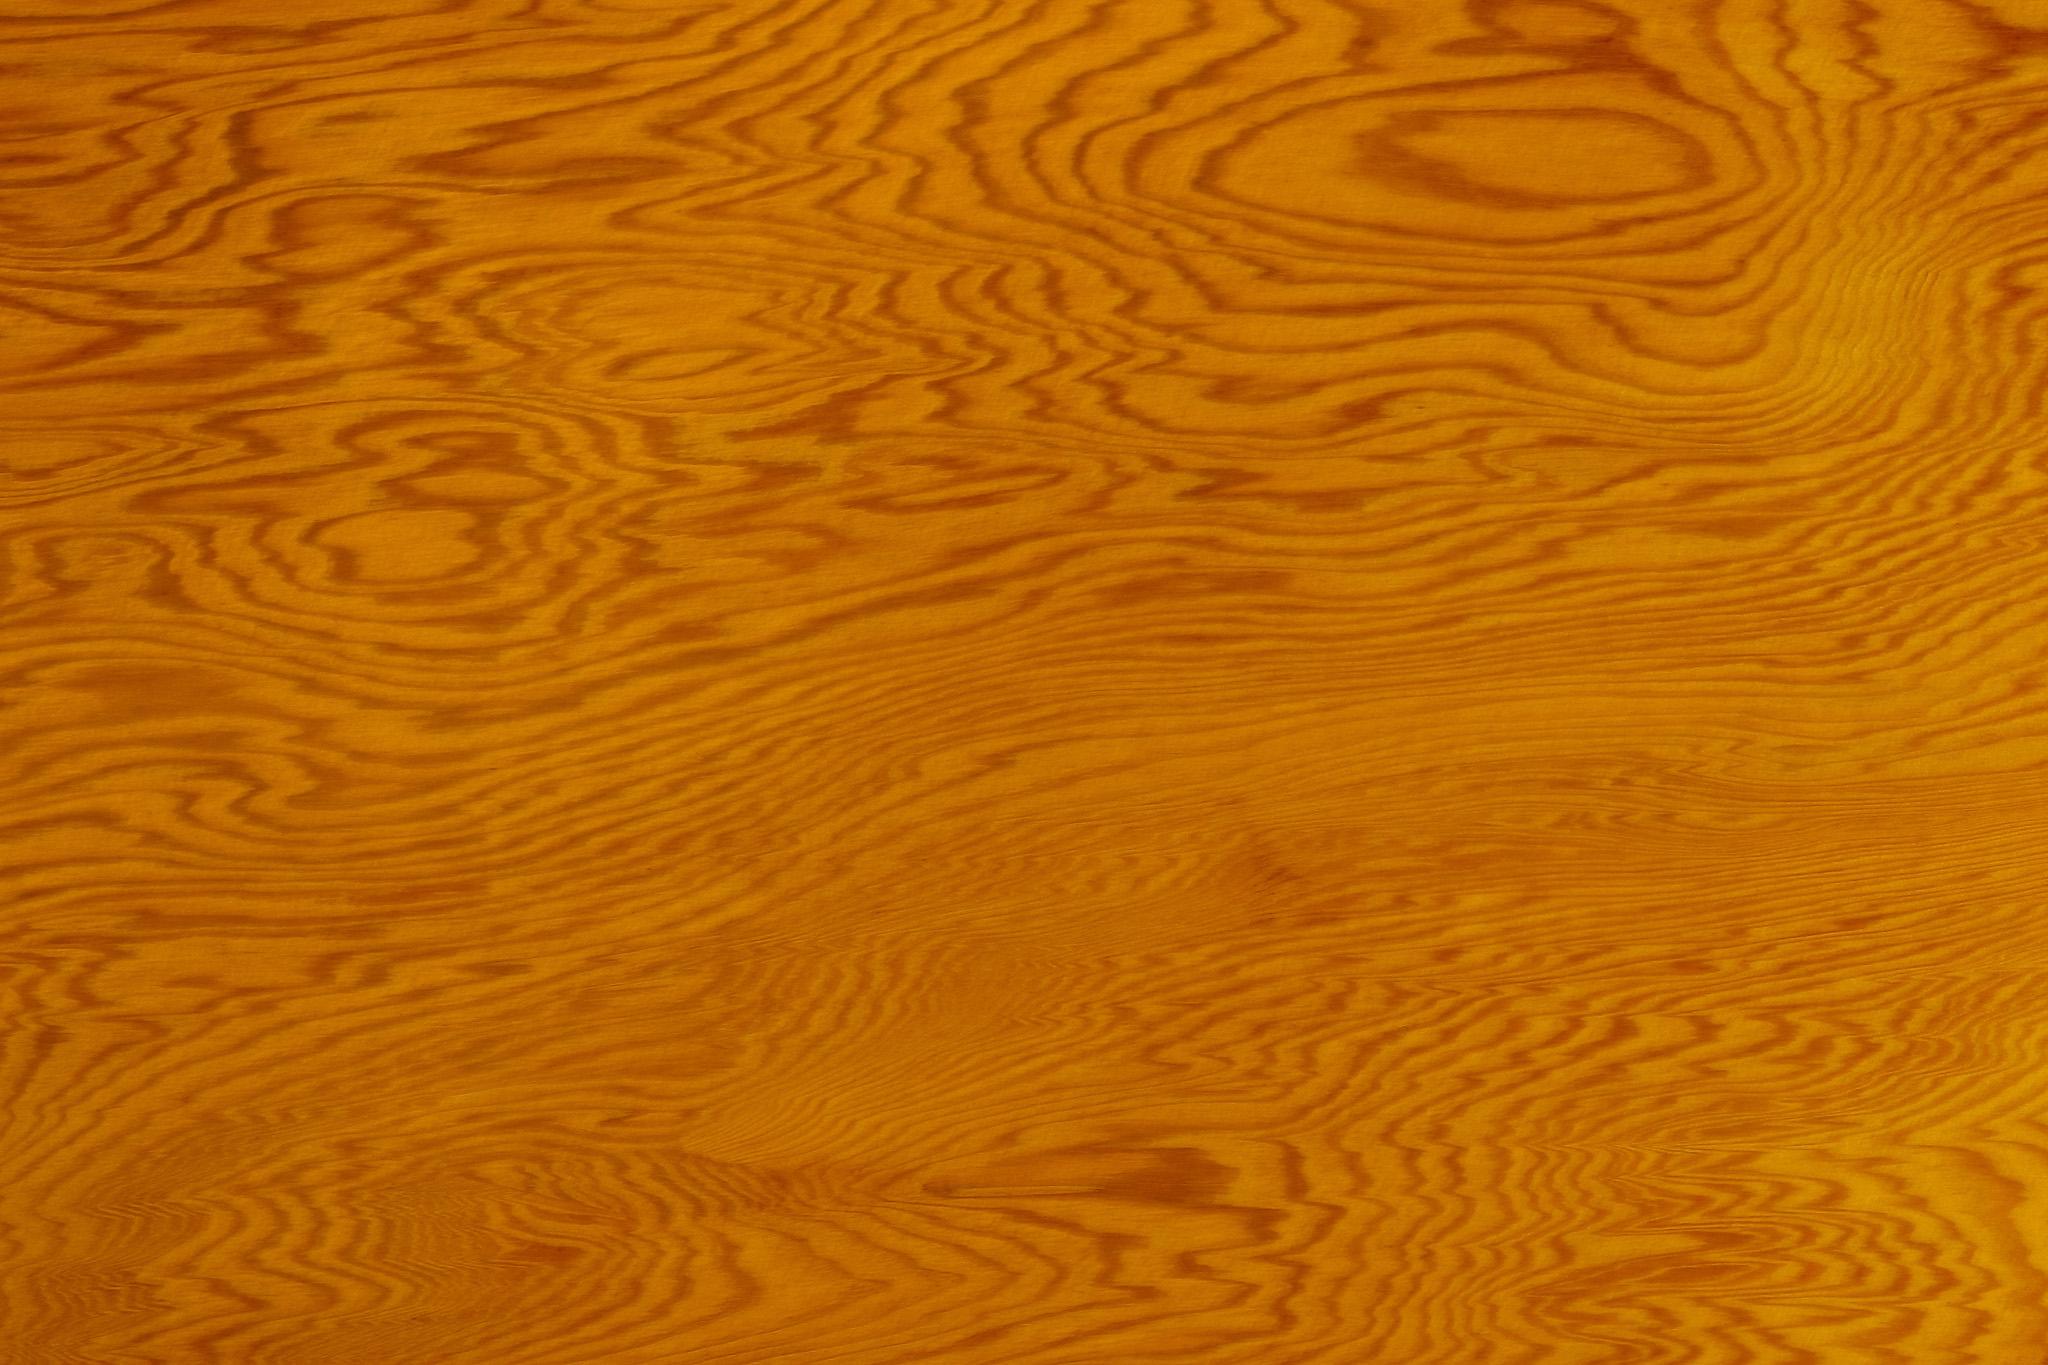 「縞模様が美しい老松の木目」